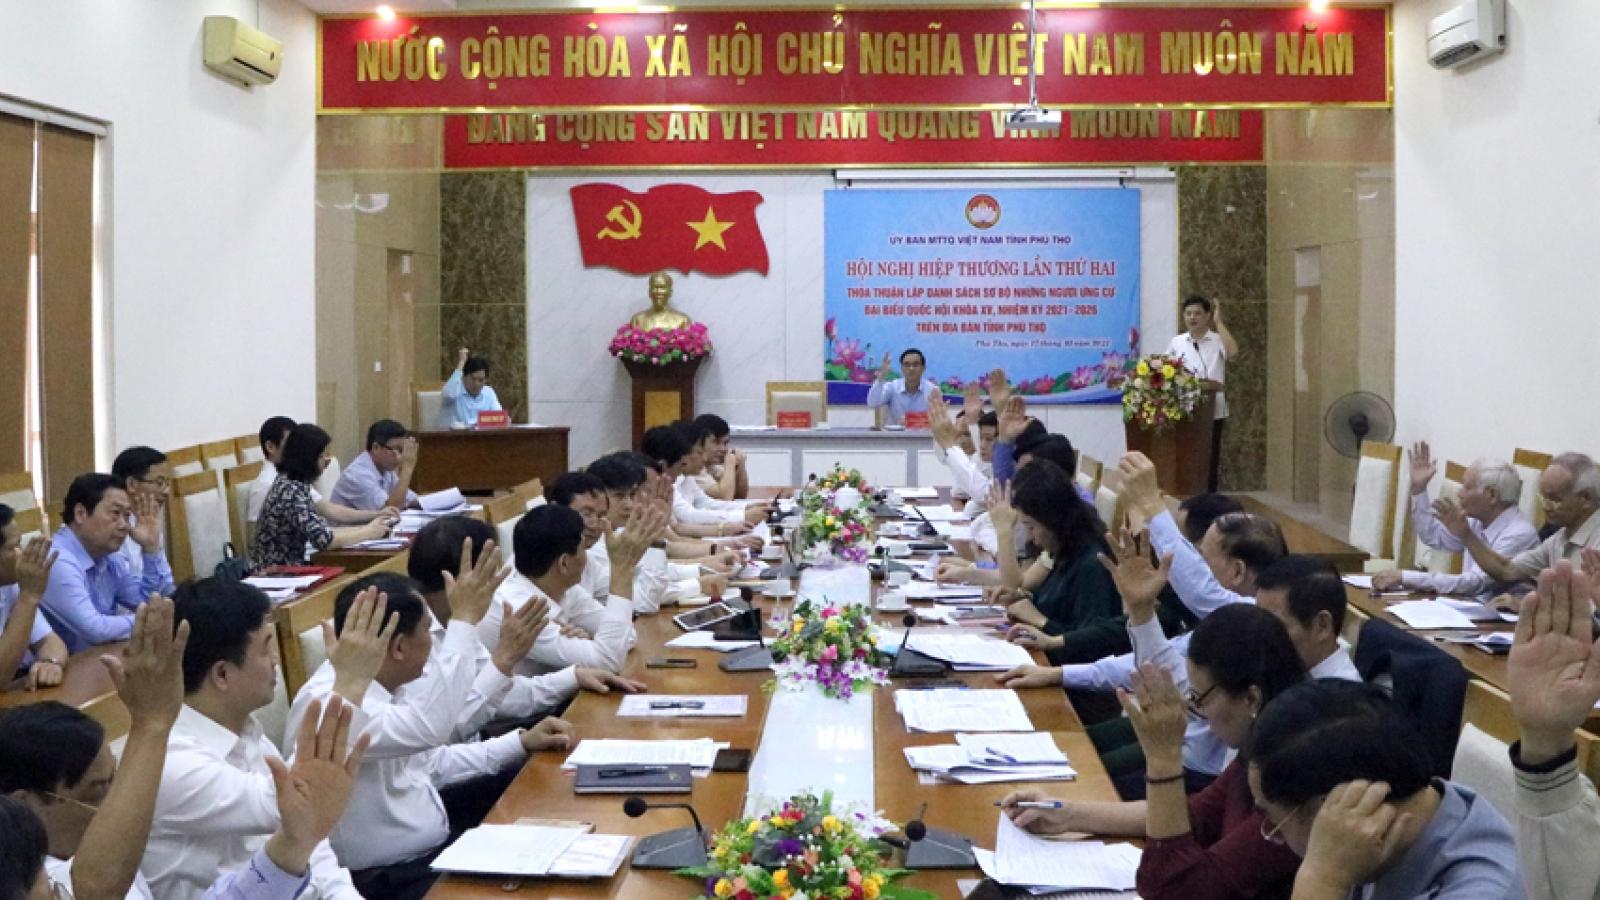 Hội nghị Hiệp thương lần 2: Lập danh sách sơ bộ người ứng cử ĐBQH